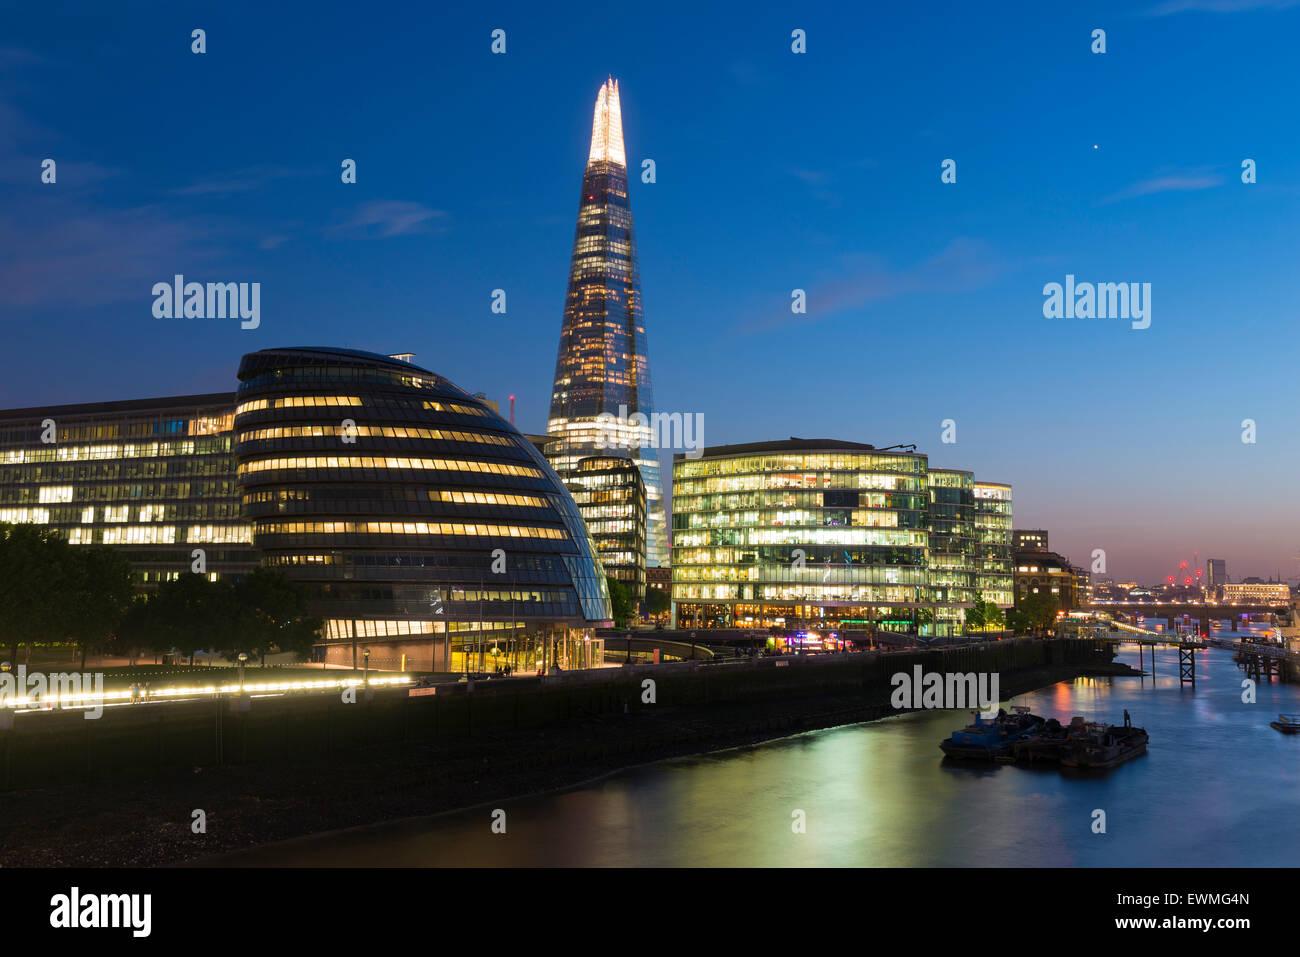 Der Shard Wolkenkratzer, Themse, London, England, Vereinigtes Königreich Stockfoto